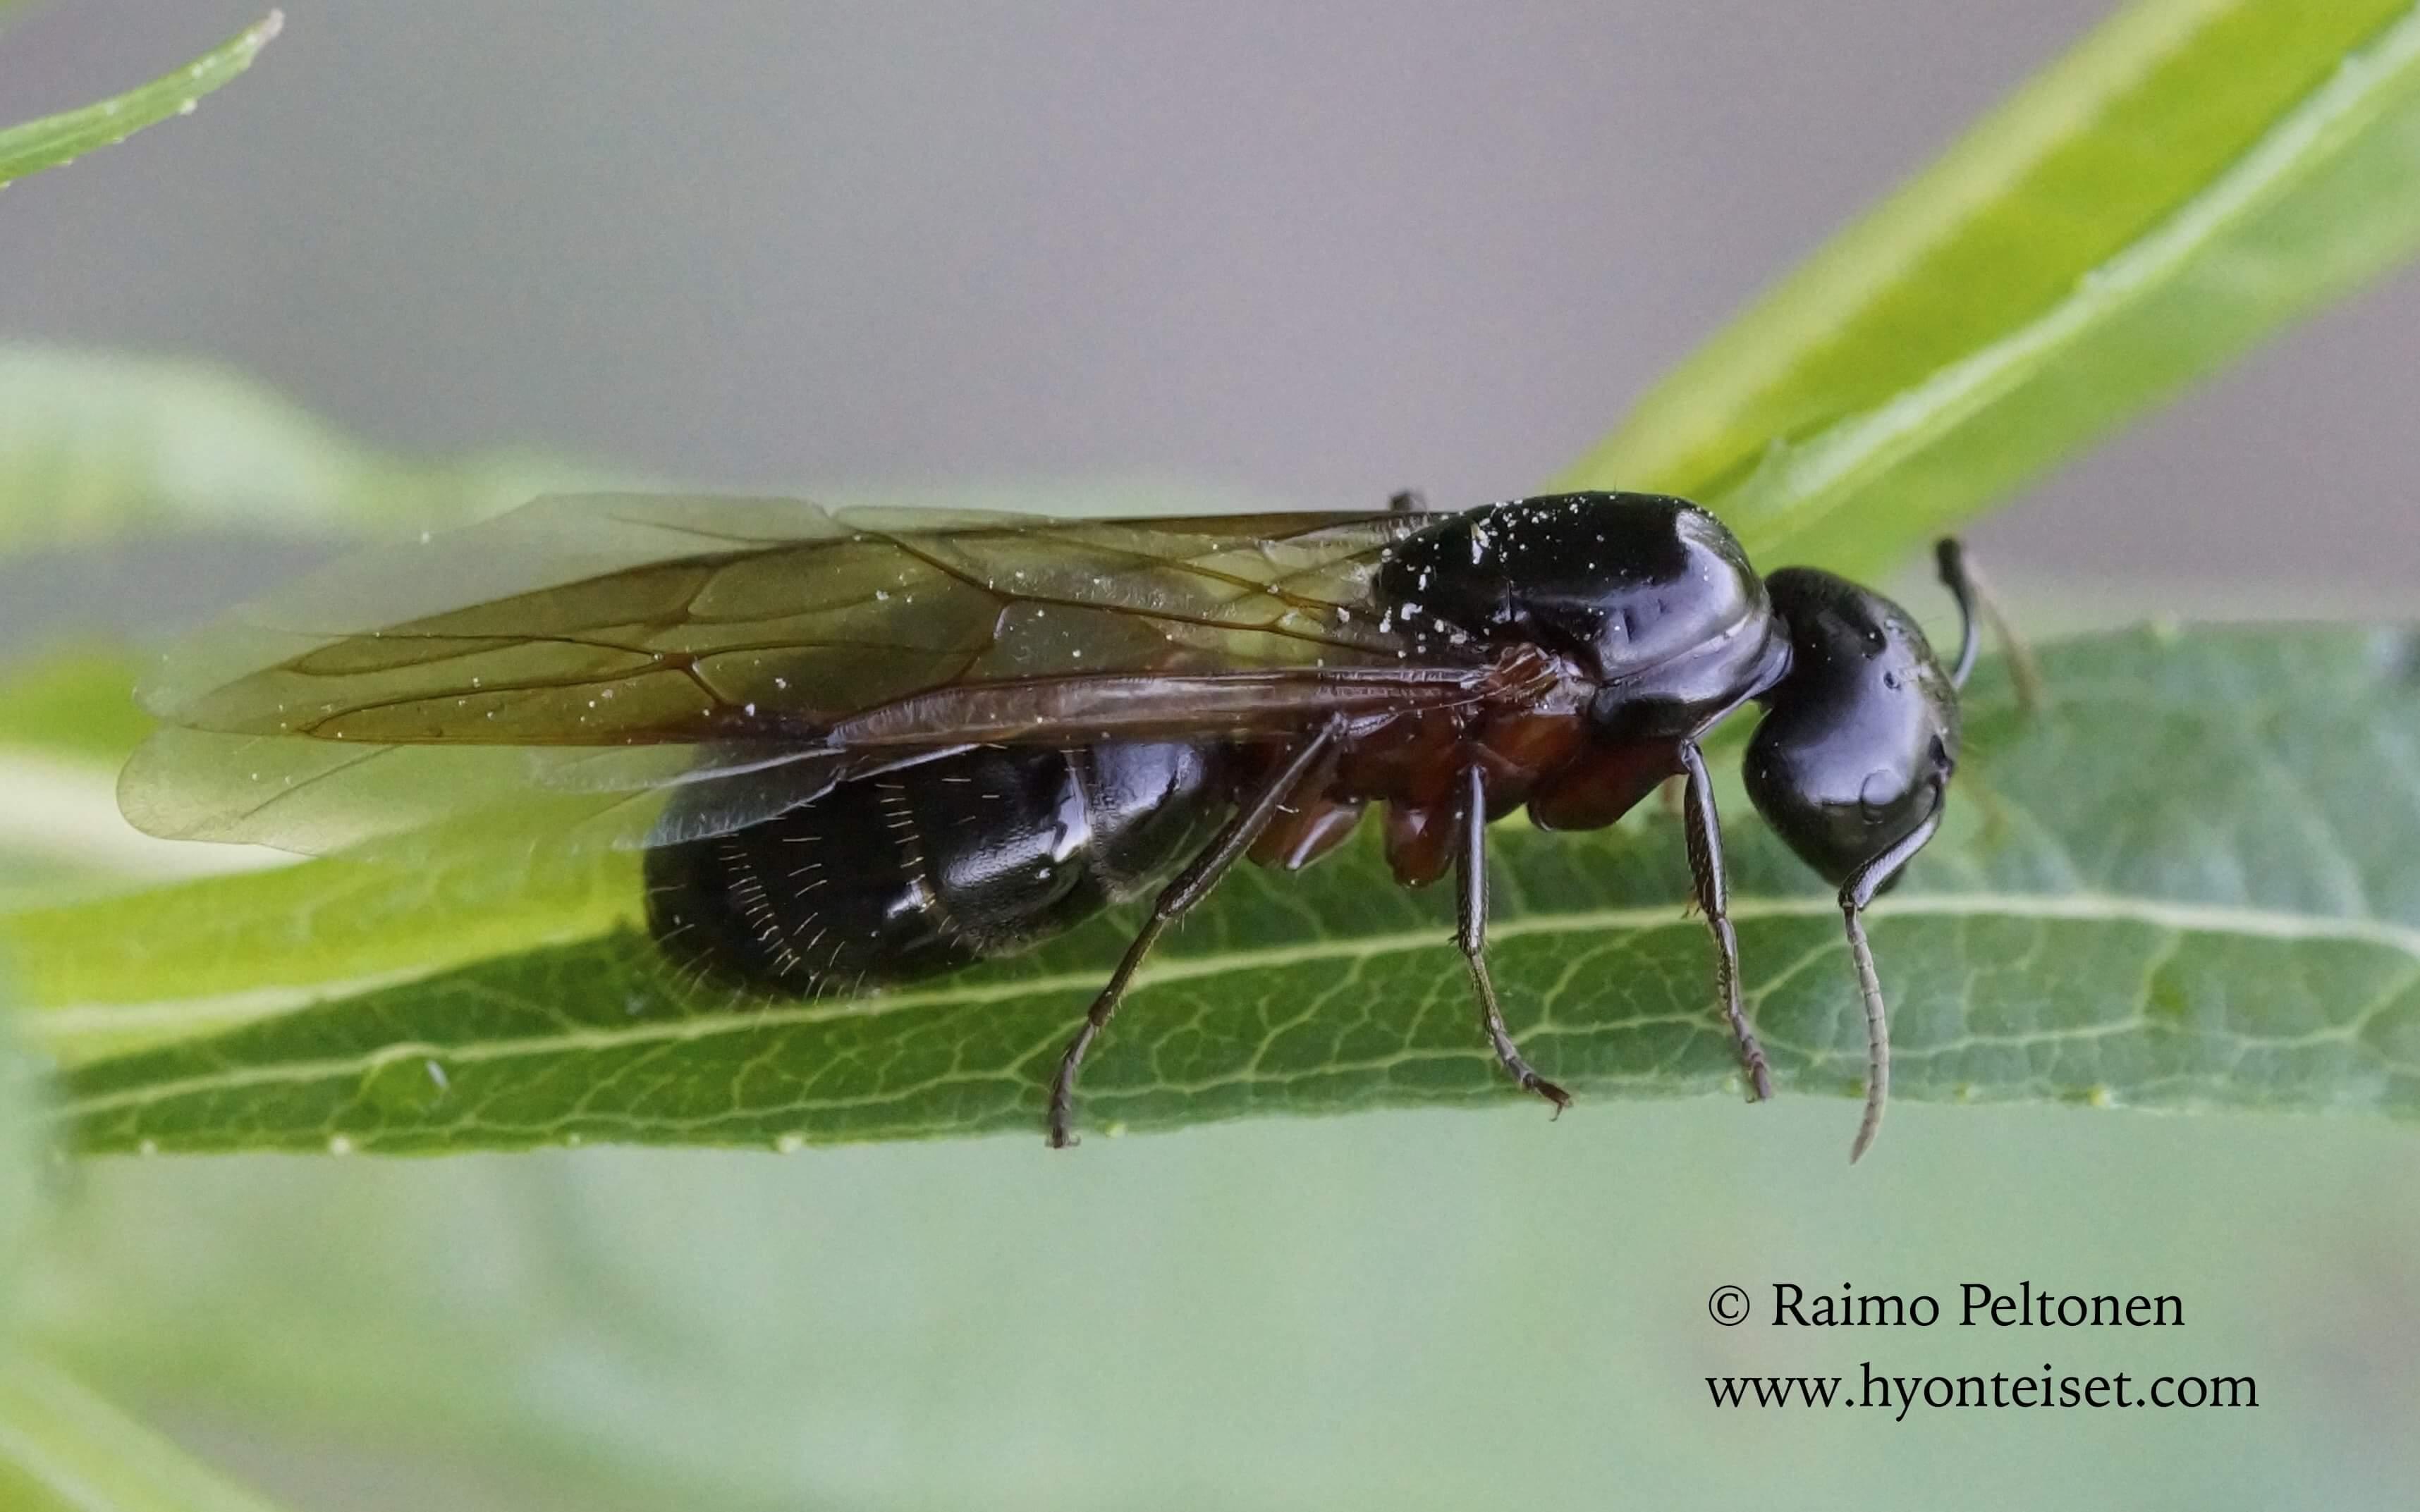 Camponotus herculeanus-aitohevosmuurahainen, kuningatar (det. Juho Paukkunen), 3.7.2015 Jyväskylä